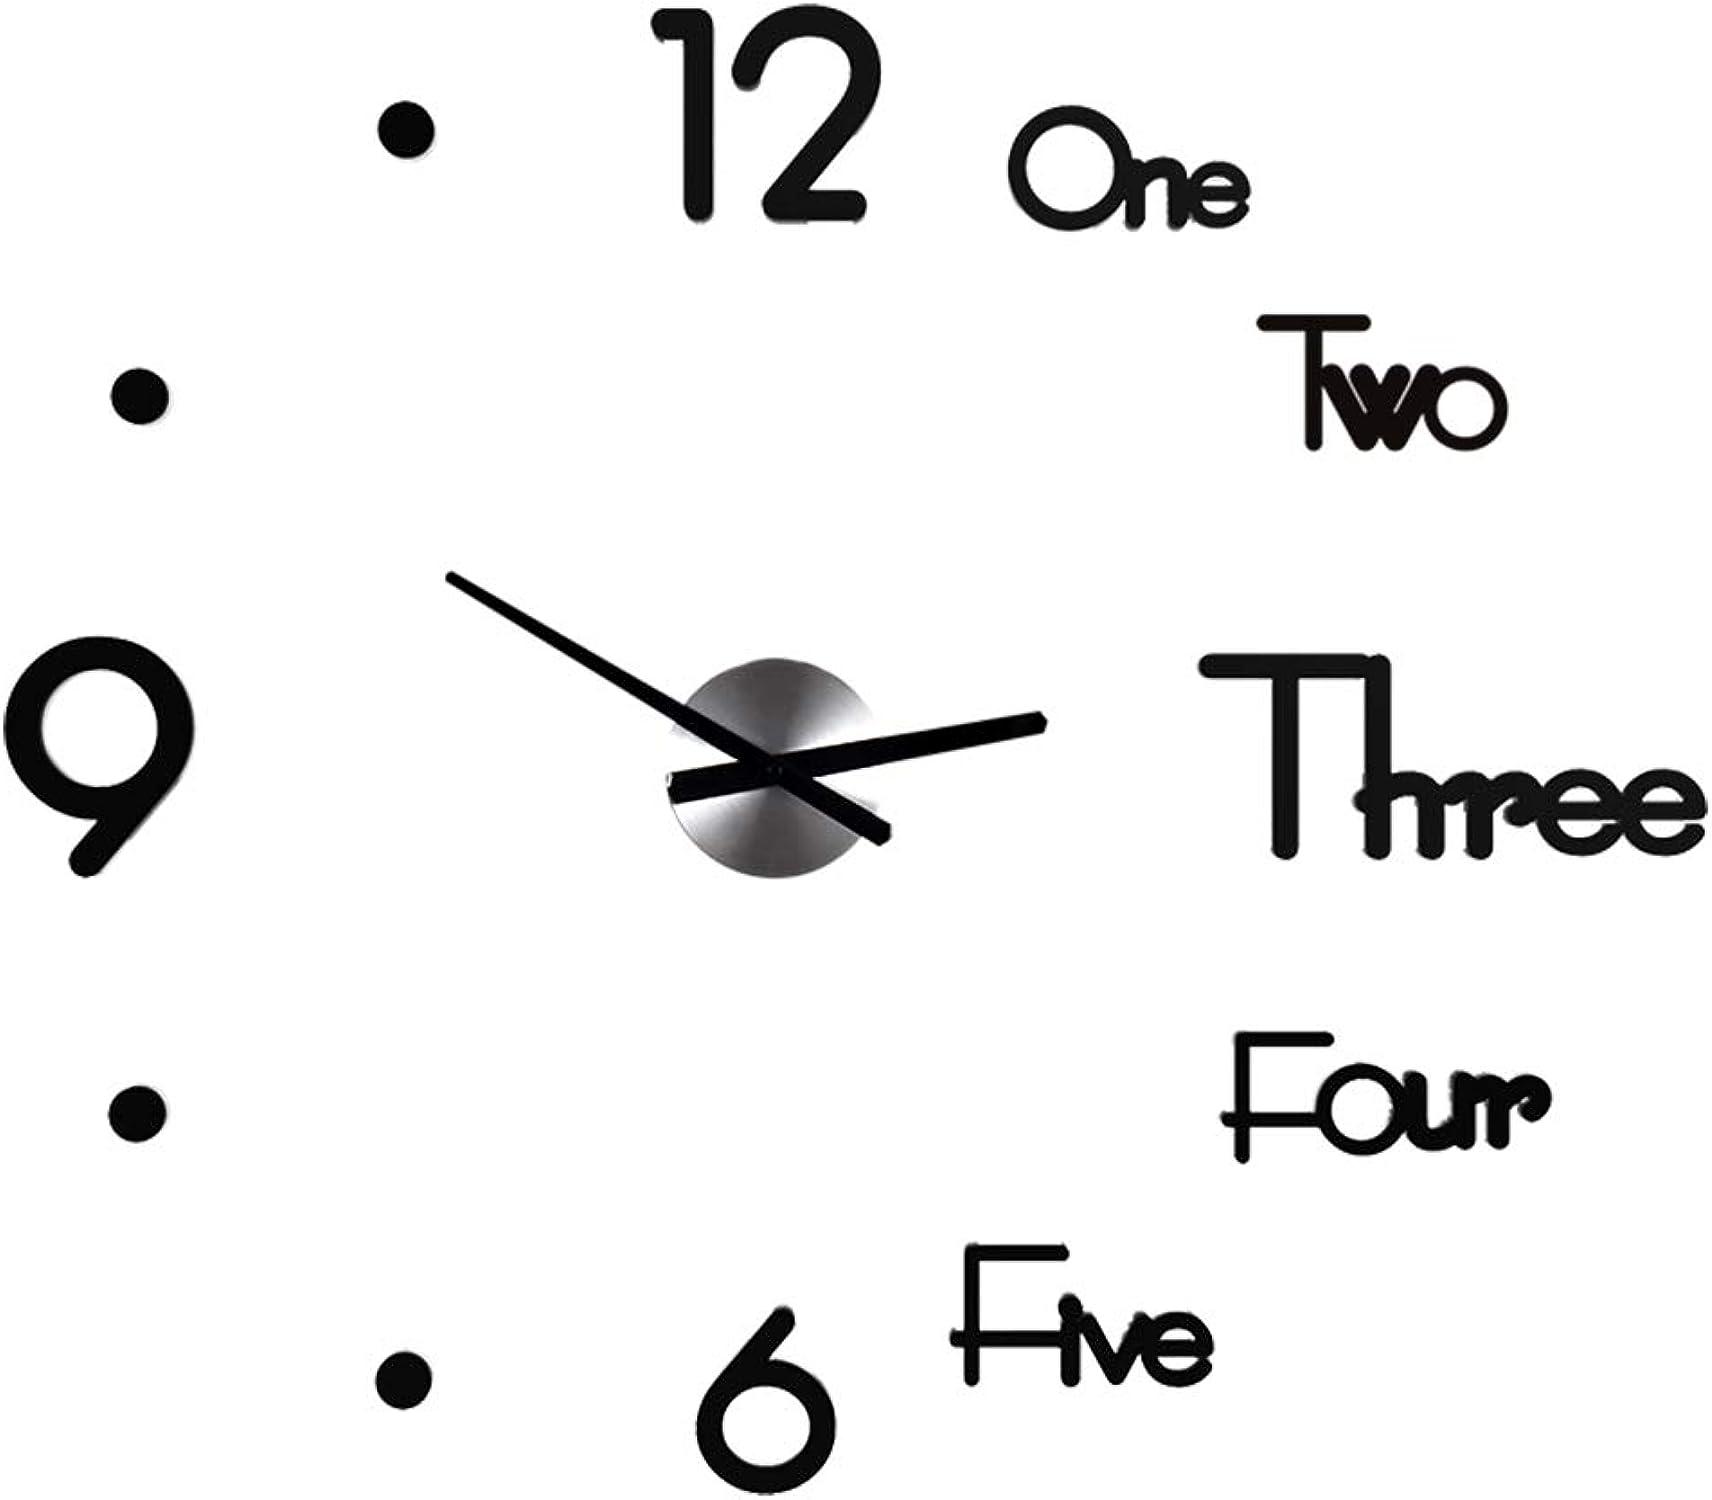 Tienda 2018 WALL CLOCK 1 Reloj Reloj Reloj de Parojo Silencioso Digital Personalizado con PerforacióN 3D, EstéReo, DecoracióN de Parojo de AcríLico Creativa de Bricolaje, FáCil InstalacióN (TamaO  68 Cm  60 Cm)  venta caliente